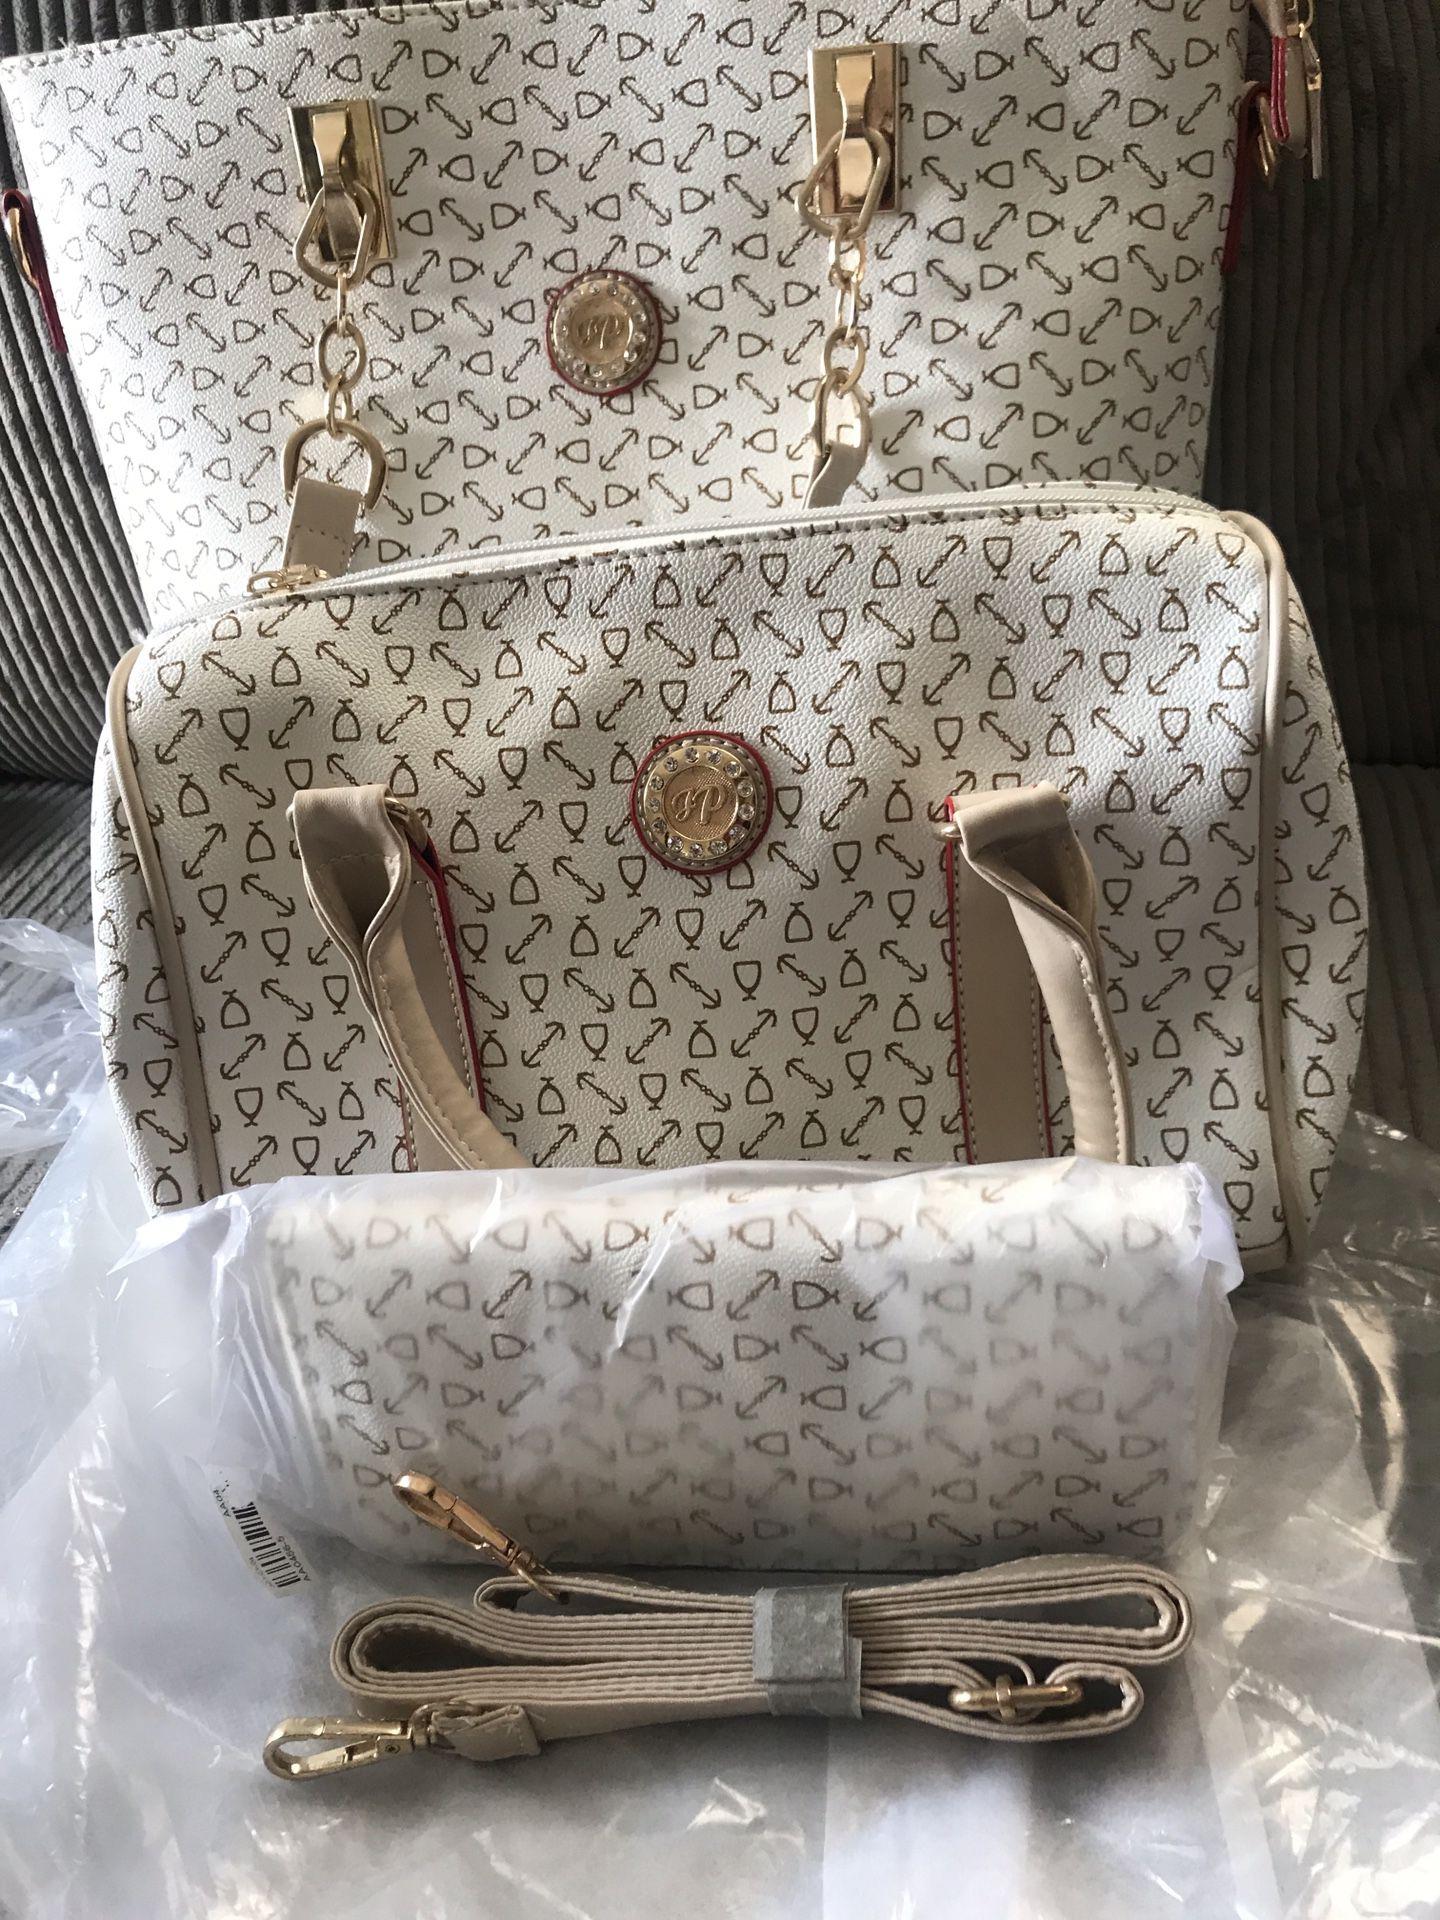 Purses or crossbody bags